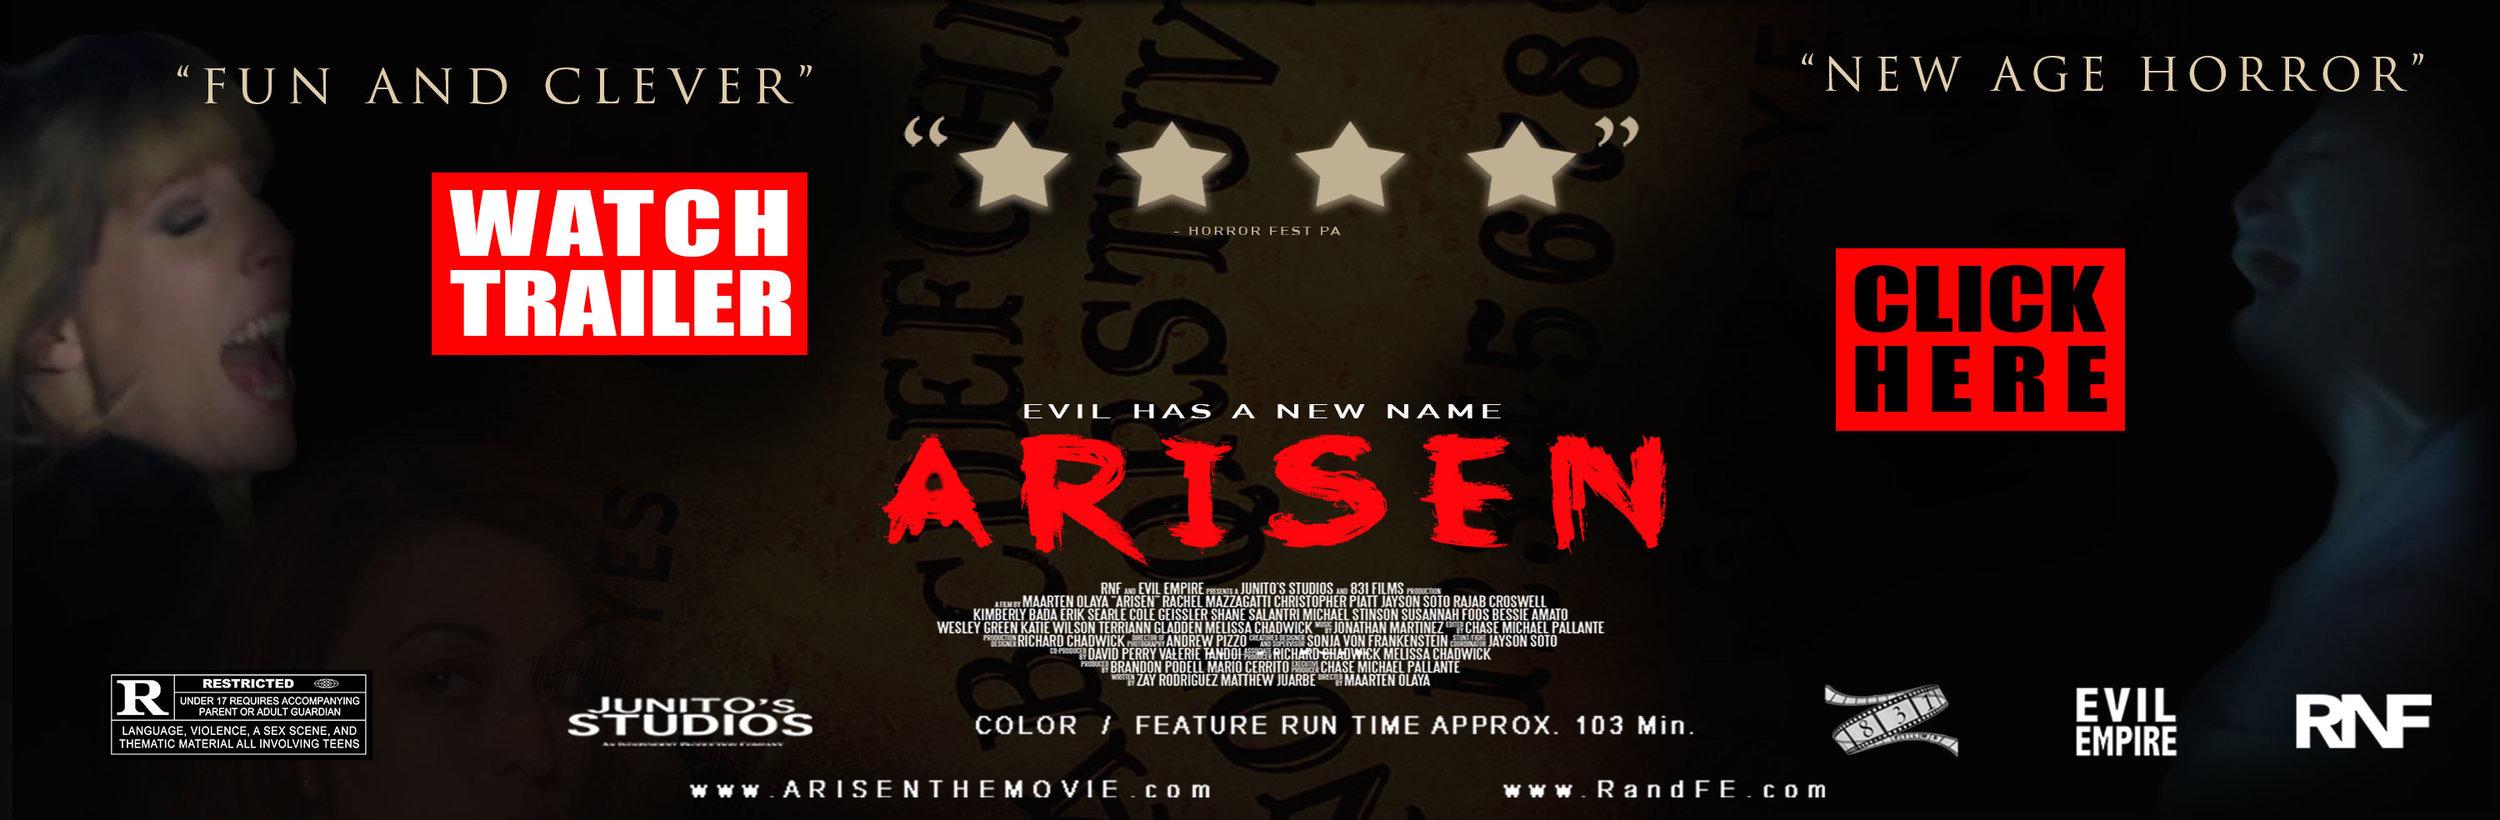 ARiSEN-marketing-banner.jpg